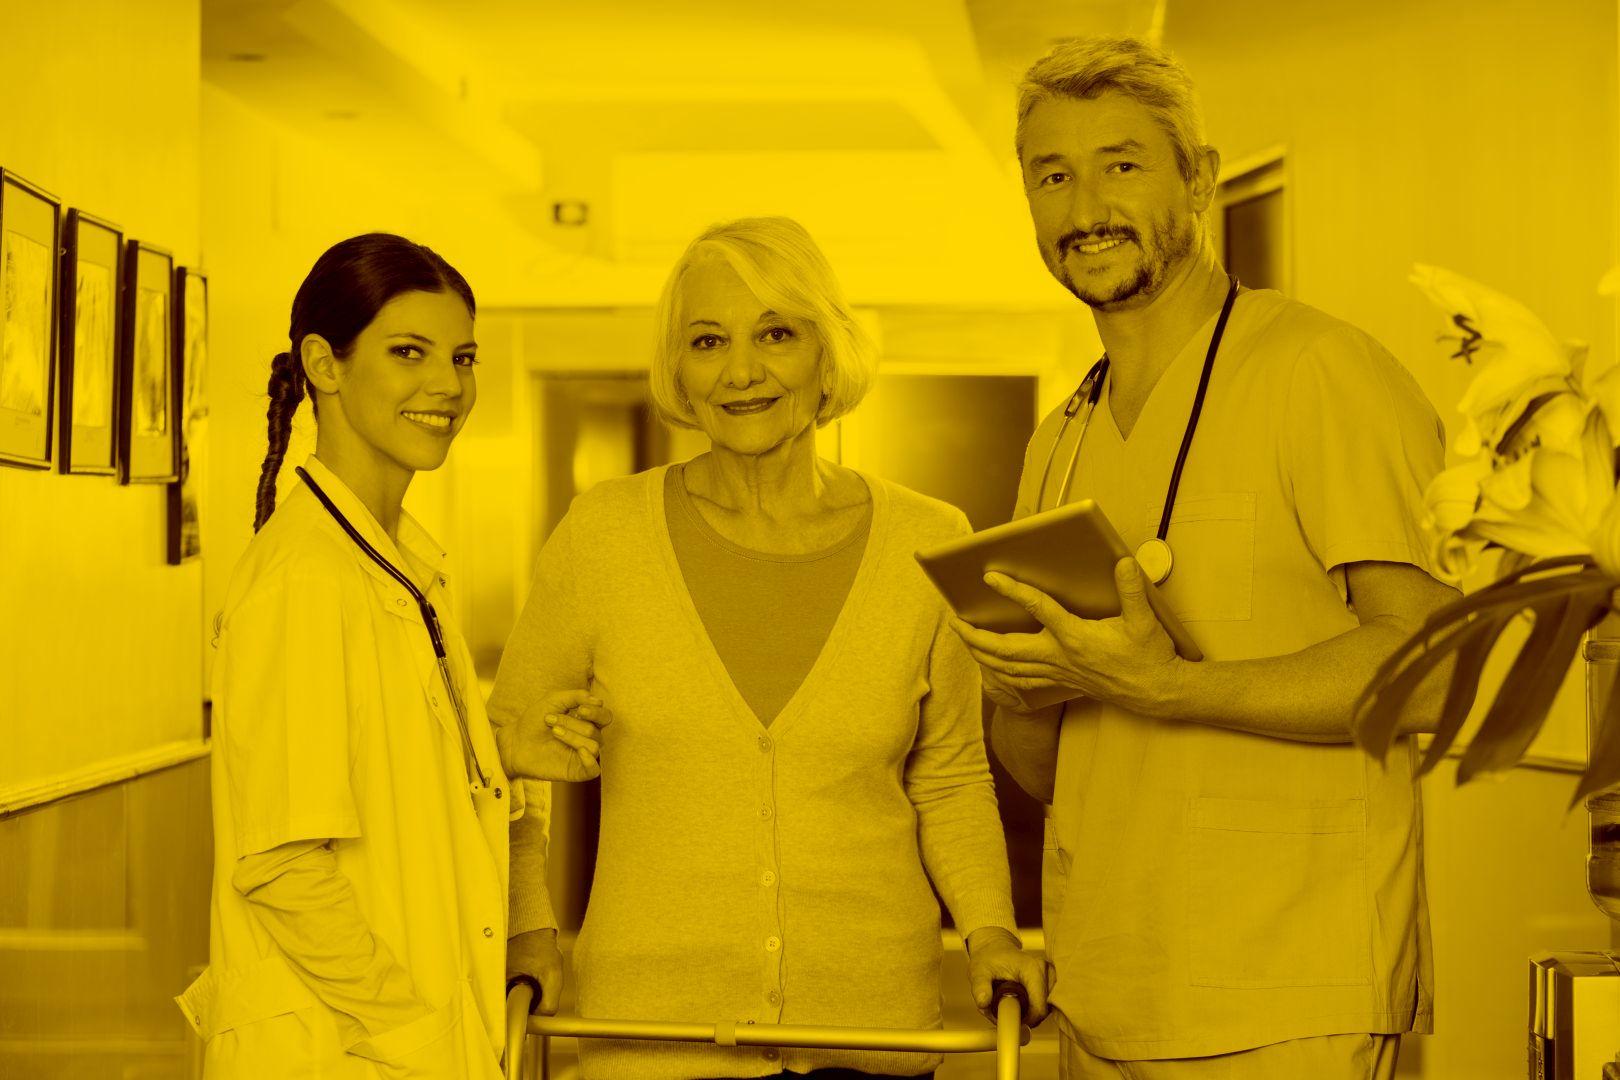 Ärztin Pfleger und Seniorin stehen während Pfleger Tablet mit Easysoft in der Hand hält